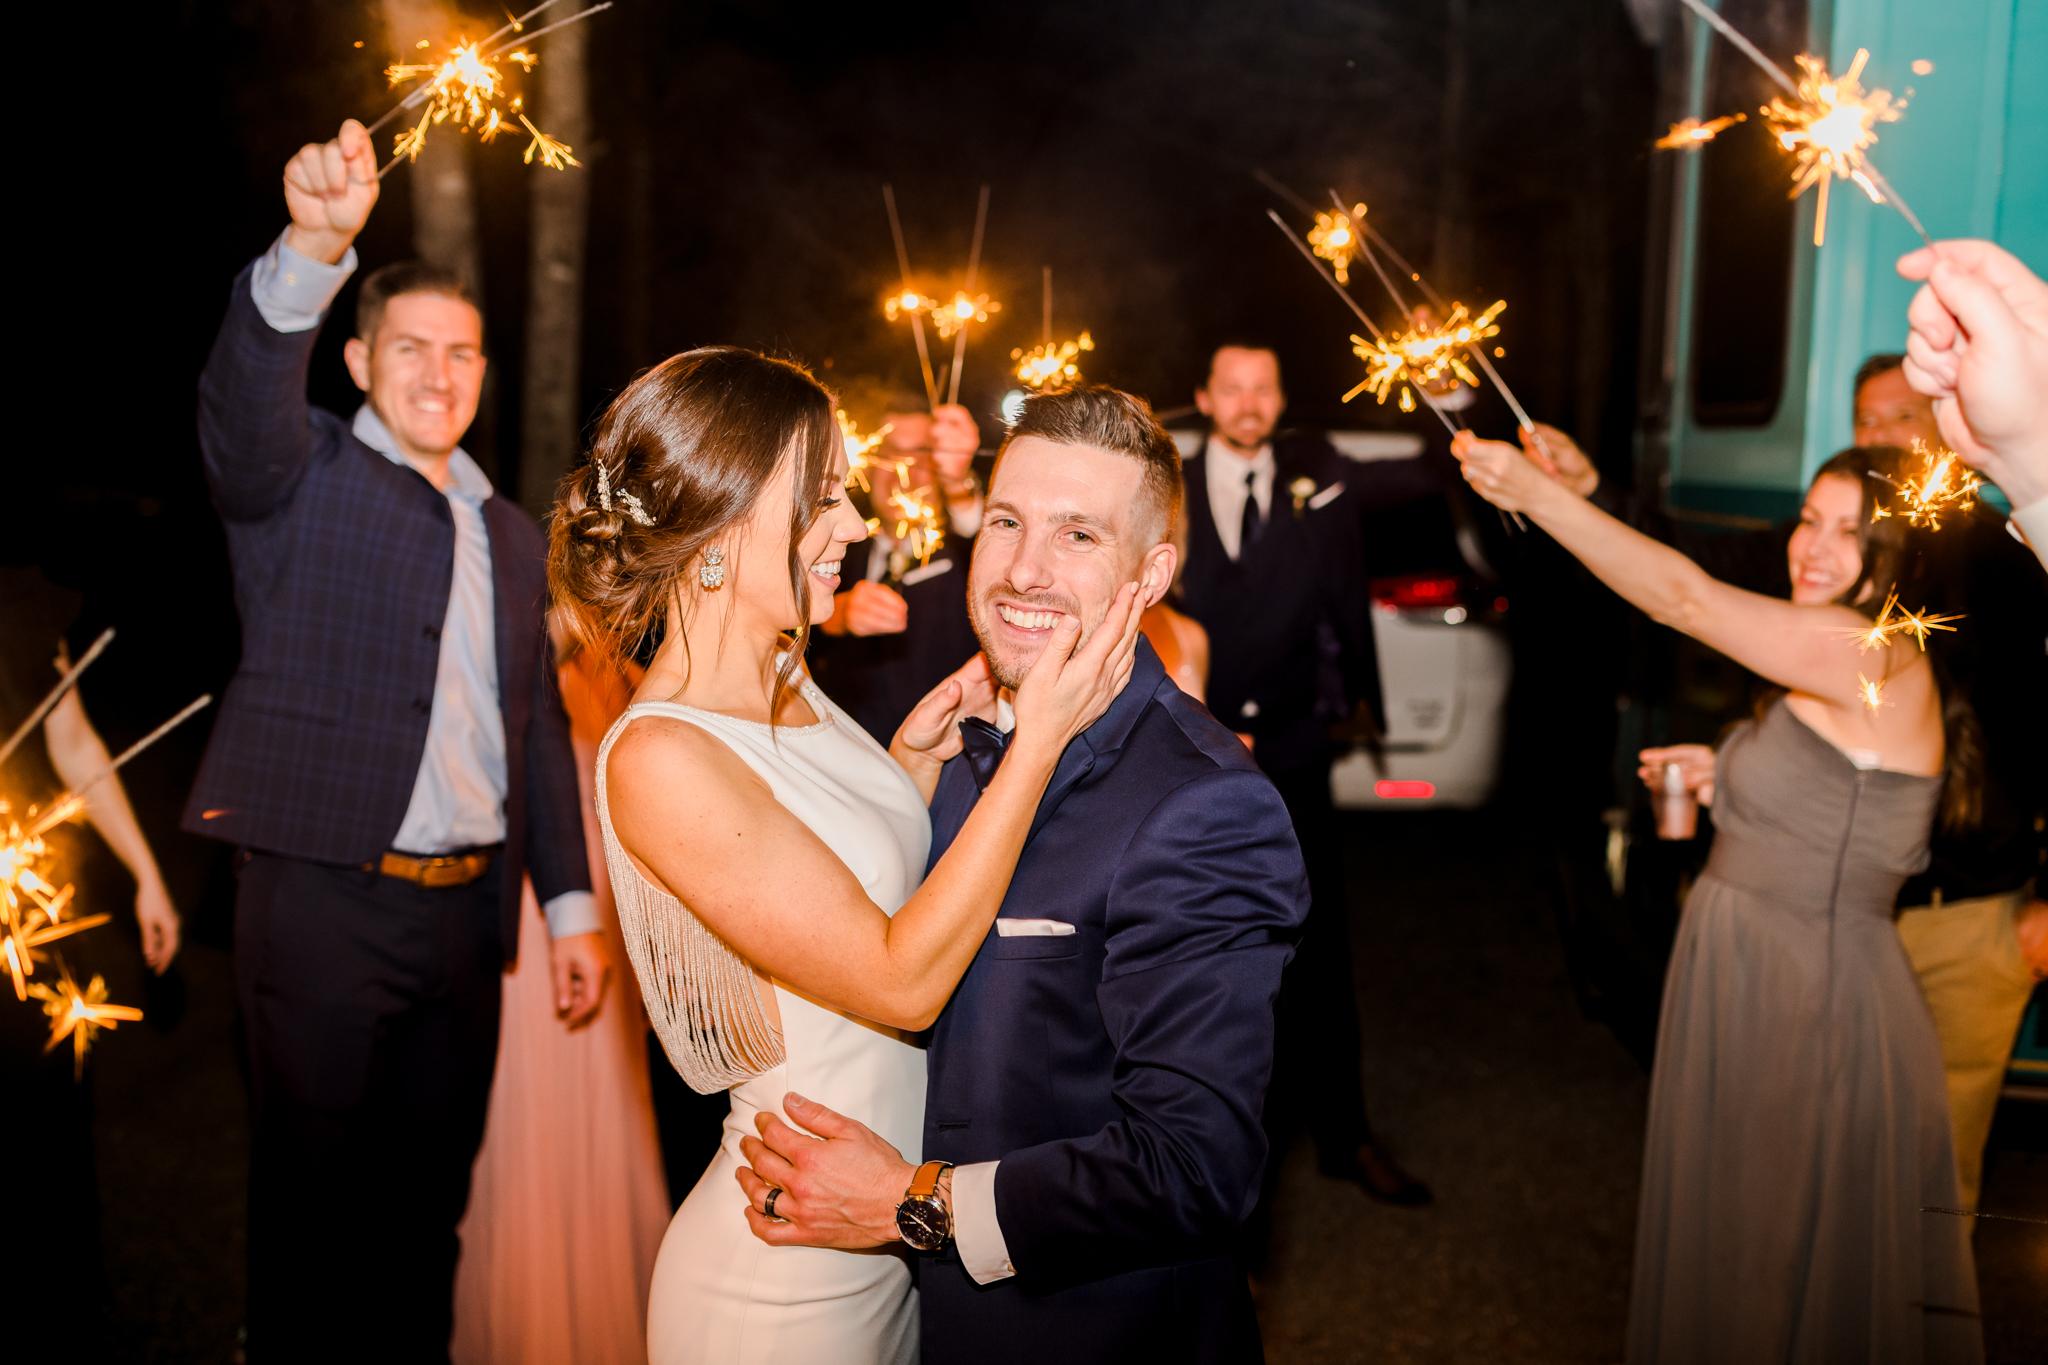 tallahassee-wedding-photographer-kiersten-stevenson-(33-of-33).jpg